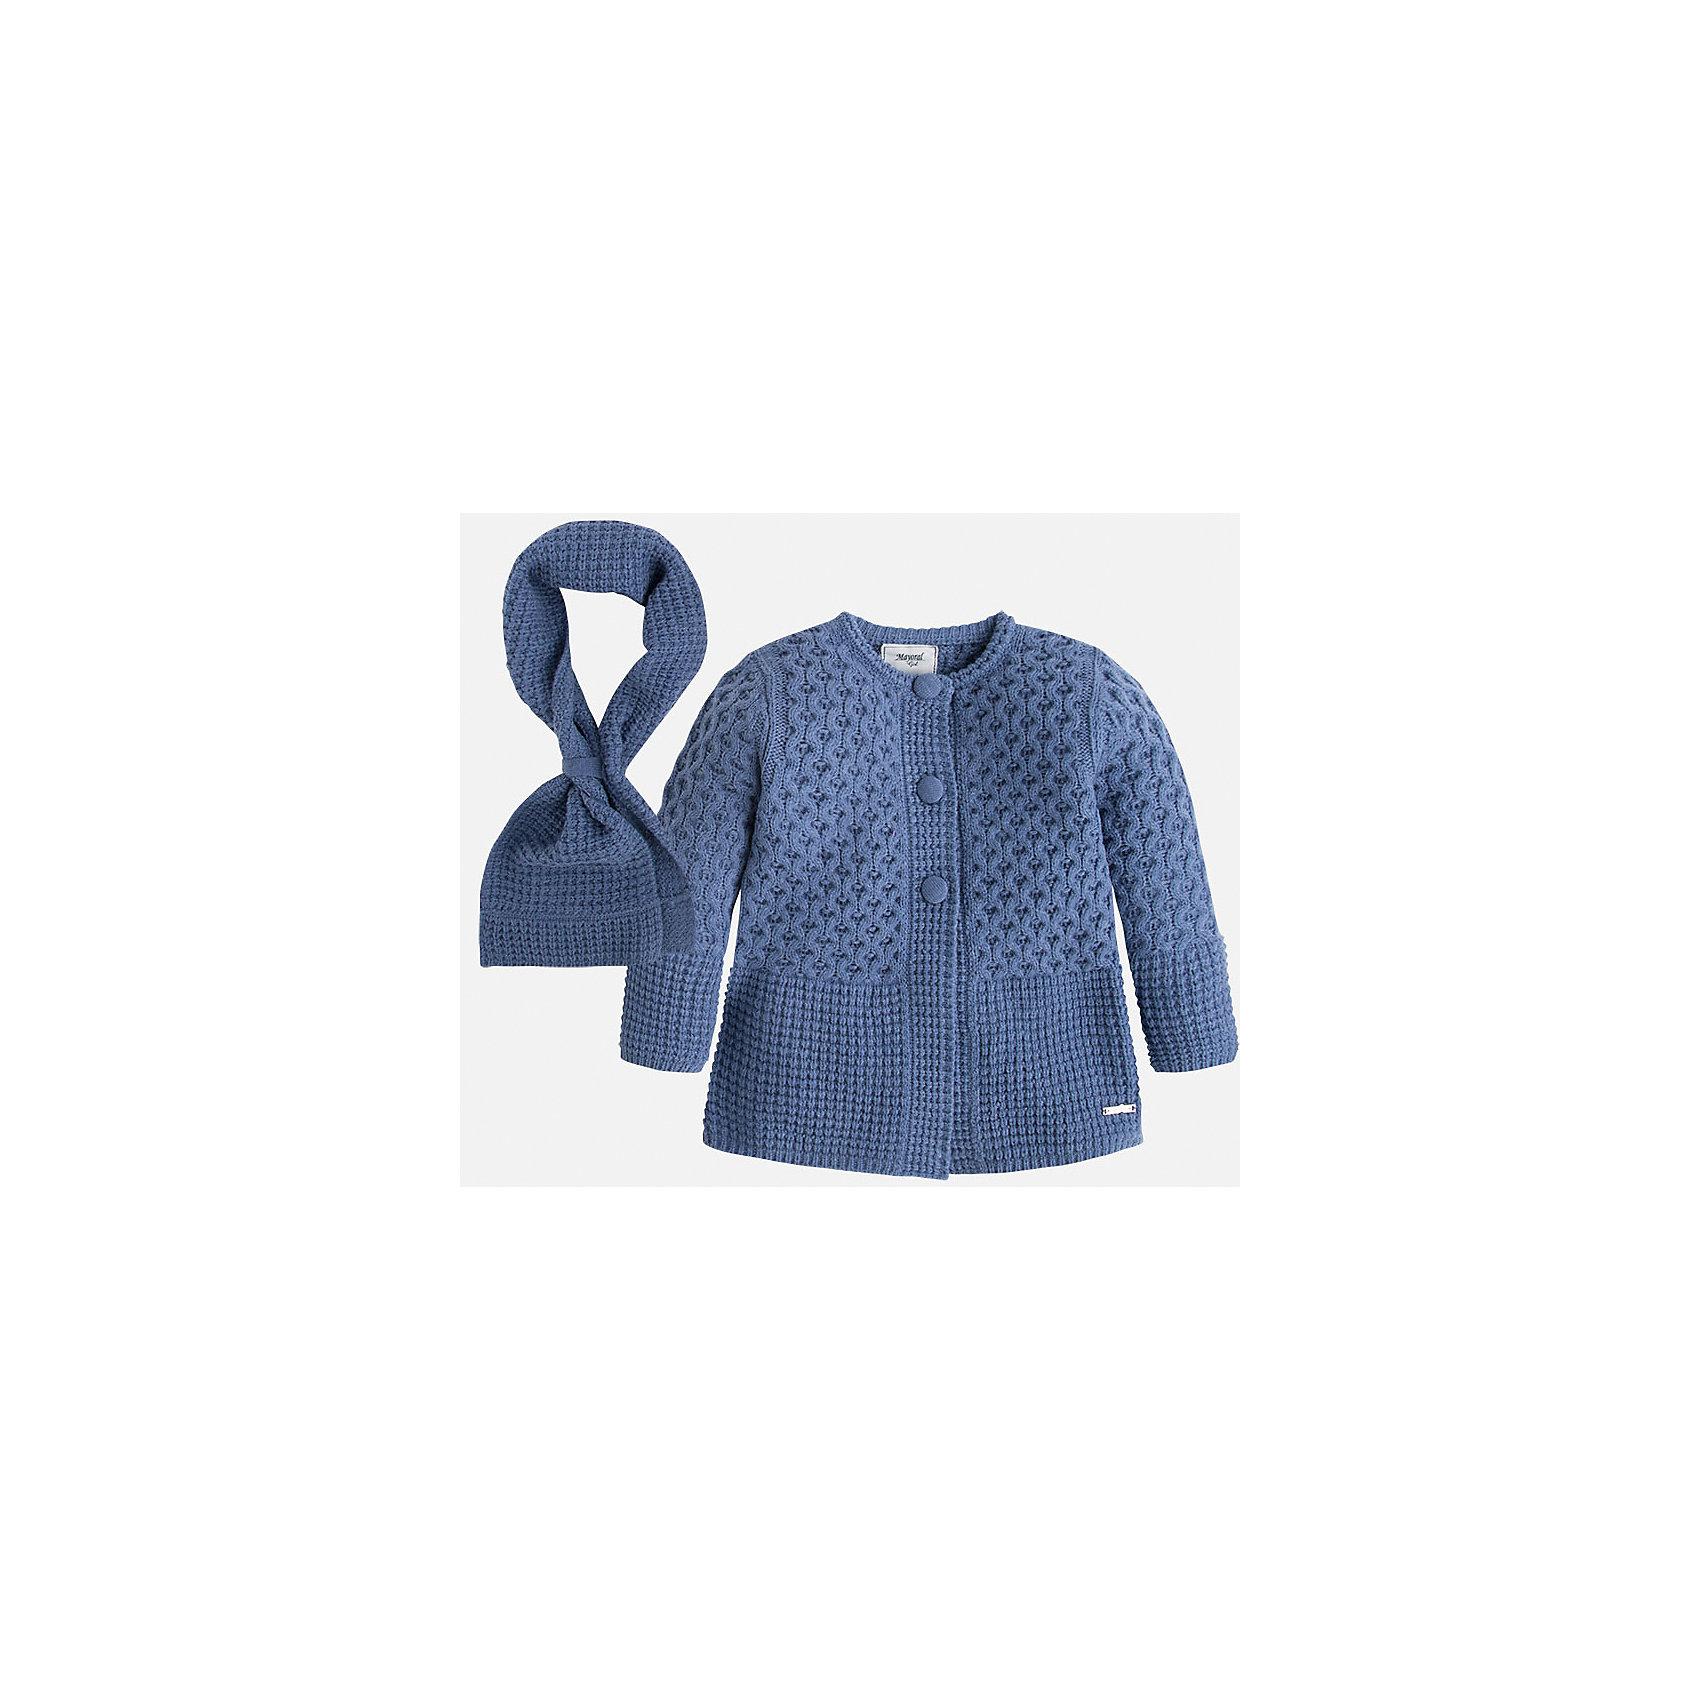 Пальто для девочки MayoralВязаное пальто с шарфом для девочки от известного испанского бренда Mayoral(Майорал). Пальто изготовлено из качественных материалов, приятных телу. Модель с округлым воротом, застегивается на пуговицы спереди. Шарф очень удобно надевать с  помощью предусмотренной петельки. Красивое пальто для элегантного образа девочки!<br><br>Дополнительная информация:<br>Состав: 100% акрил<br>Цвет: синий<br>Вы можете купить пальто Mayoral(Майорал) в нашем интернет-магазине.<br><br>Ширина мм: 356<br>Глубина мм: 10<br>Высота мм: 245<br>Вес г: 519<br>Цвет: синий<br>Возраст от месяцев: 48<br>Возраст до месяцев: 60<br>Пол: Женский<br>Возраст: Детский<br>Размер: 110,128,98,122,116,104,134<br>SKU: 4843818